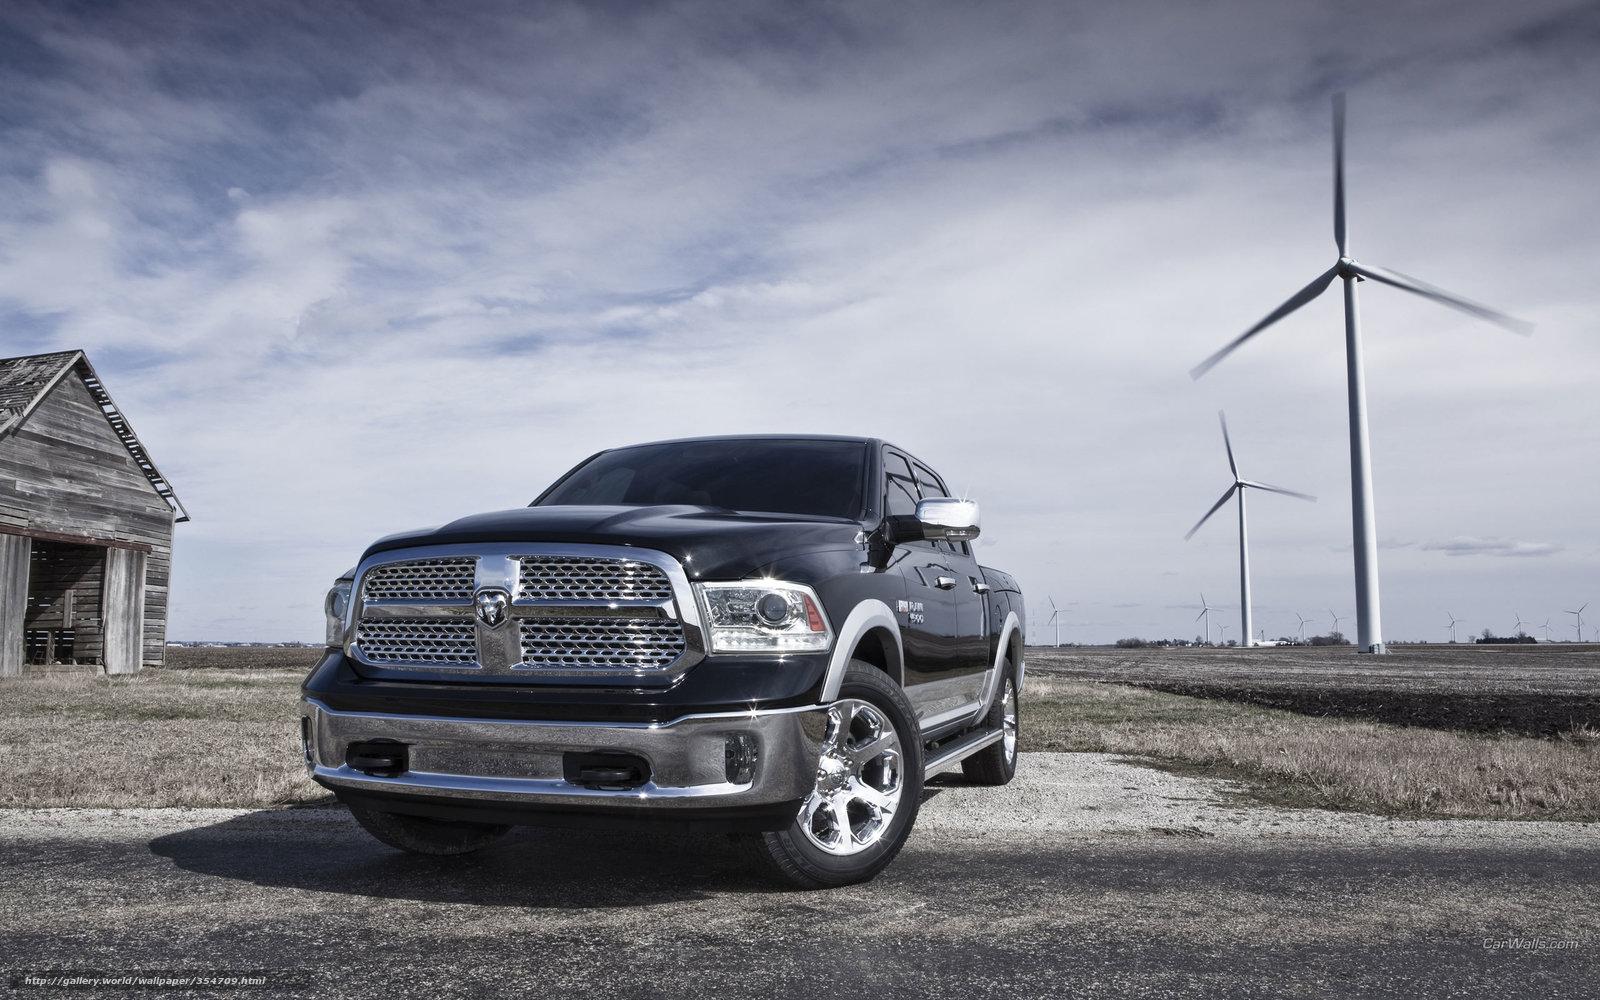 Скачать обои Dodge,  Ram,  авто,  машины бесплатно для рабочего стола в разрешении 2560x1600 — картинка №354709